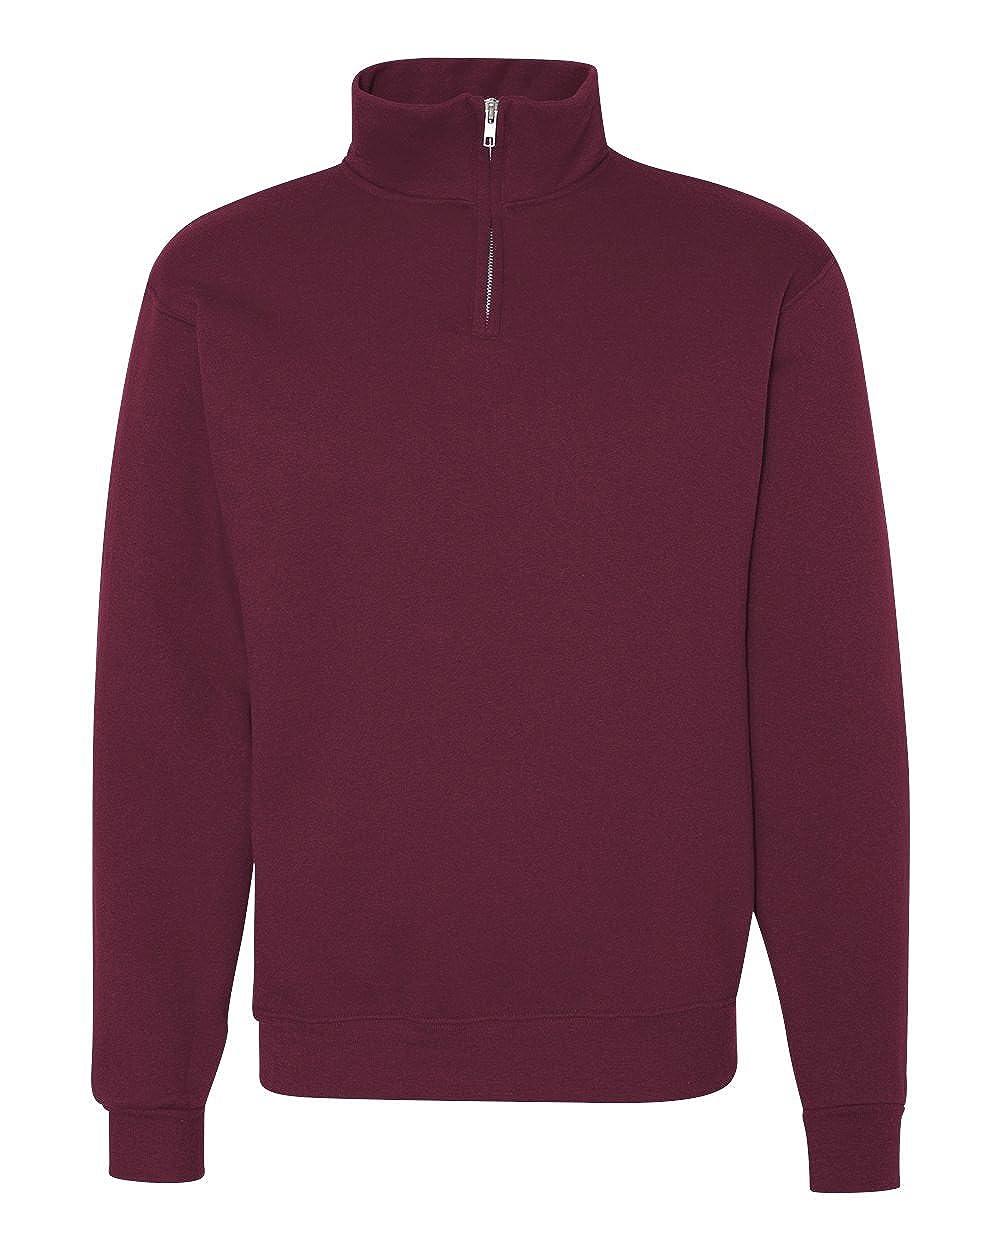 Jerzees Mens 995 Quarter-Zip Cadet-Collar Sweatshirt Jerzees 995M